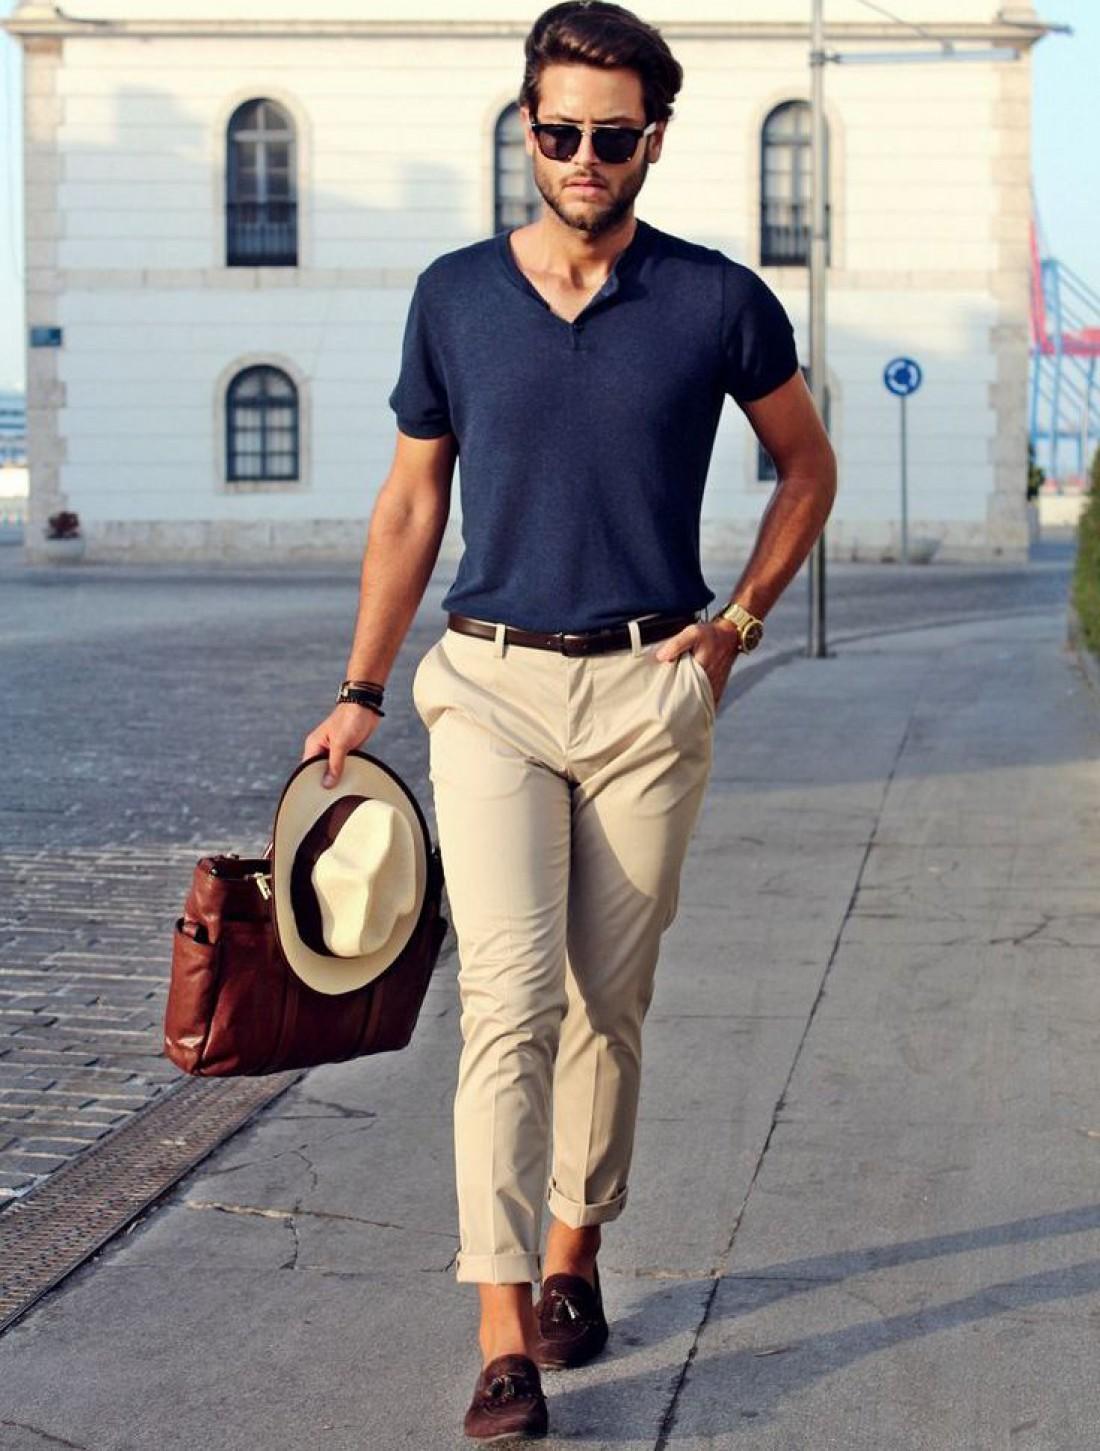 Одевайся красиво. Даже когда солнце безбожно жарит